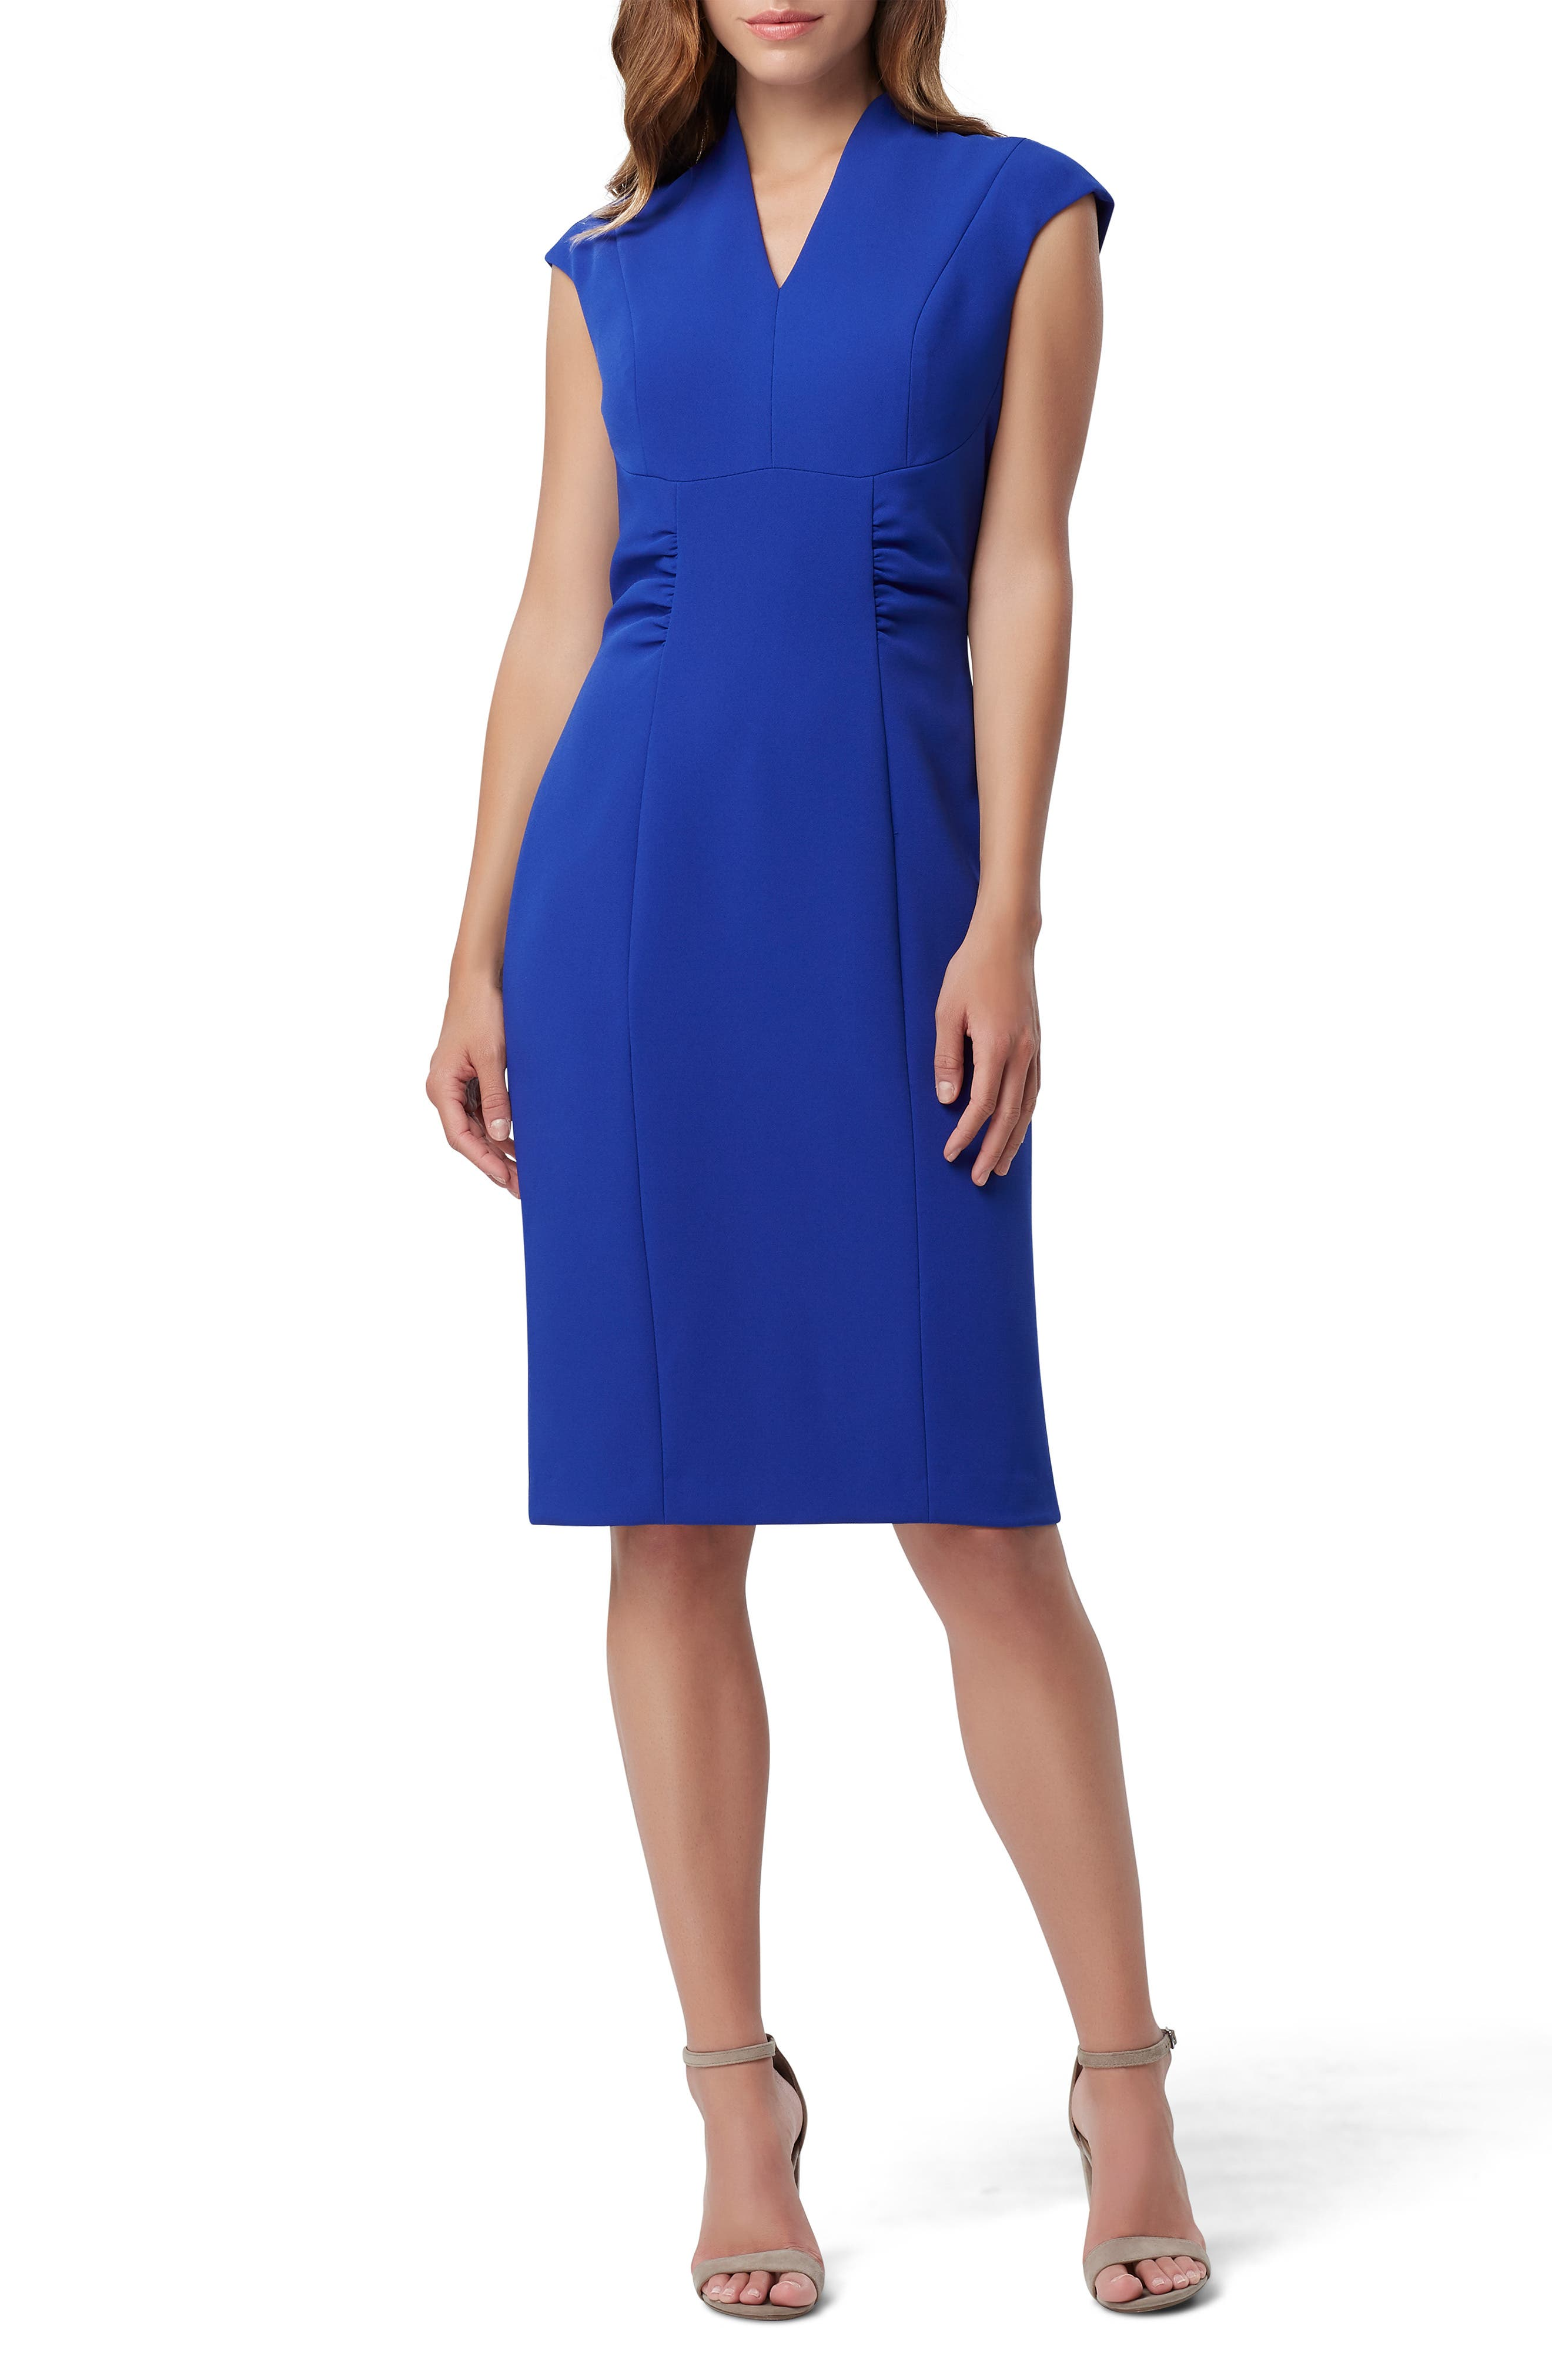 TAHARI Crepe Sheath Dress, Main, color, SPRING ROYAL